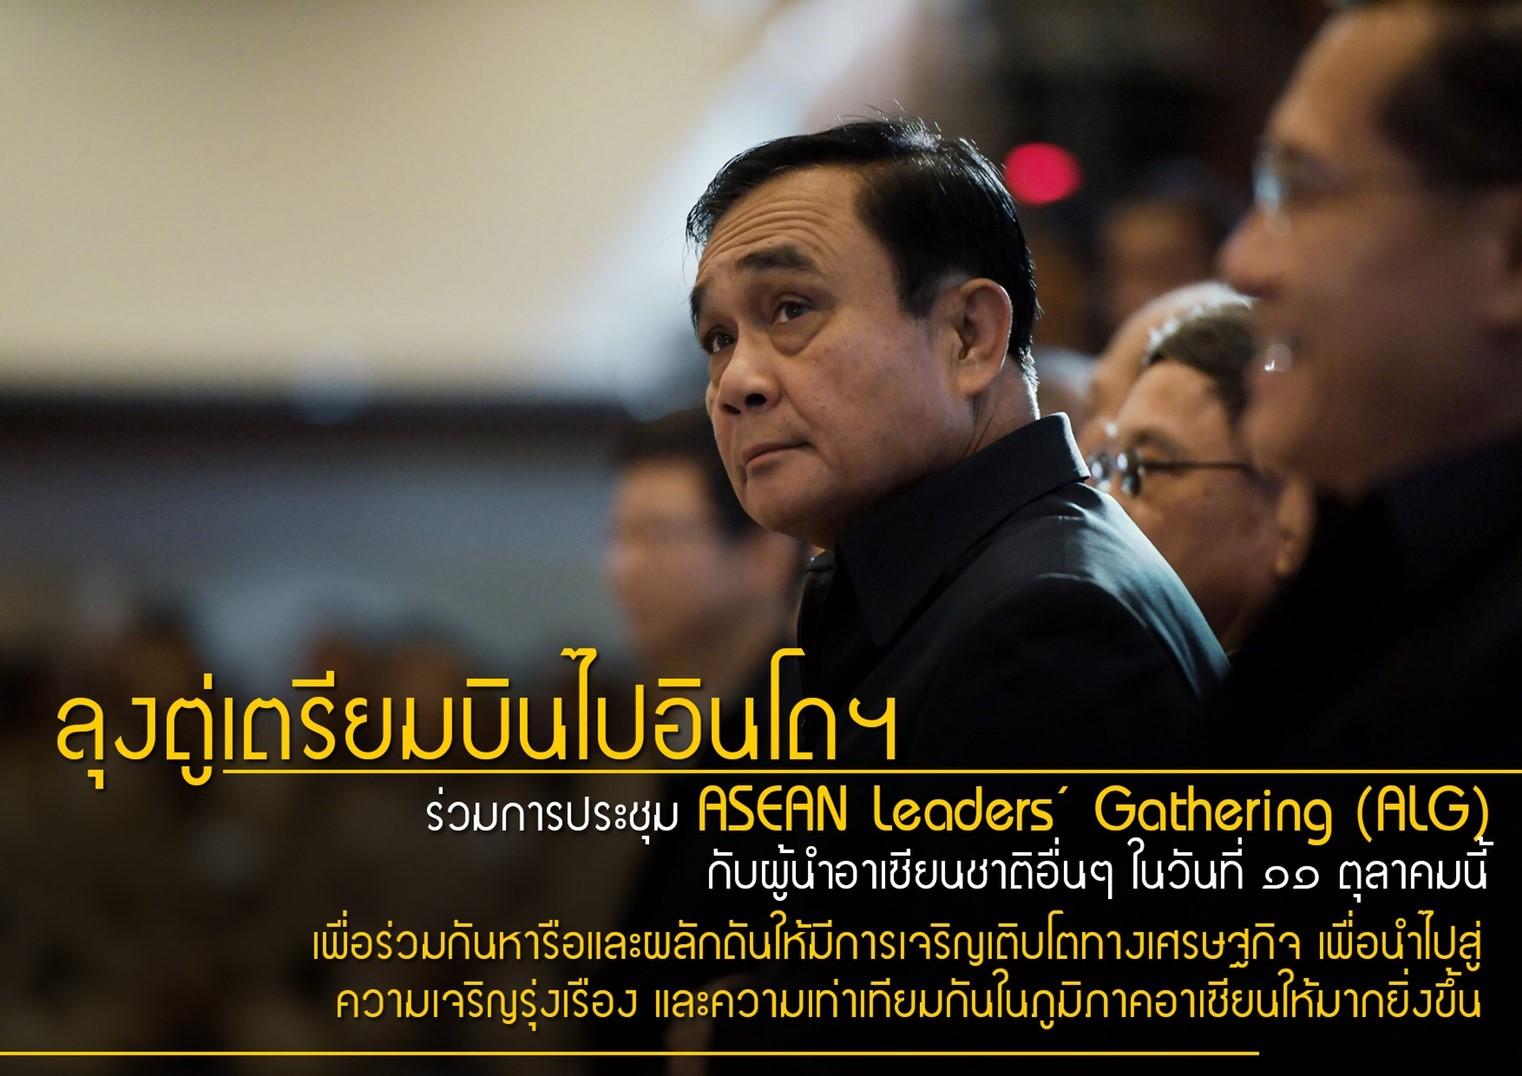 """ลุงตู่!! เตรียมบินไปประเทศอินโดนีเซีย ️ร่วมการประชุม """"ASEAN Leaders' Gathering"""" กับผู้นำอาเซียนชาติอื่นๆ ในวันที่ 11 ต.ค. นี้"""